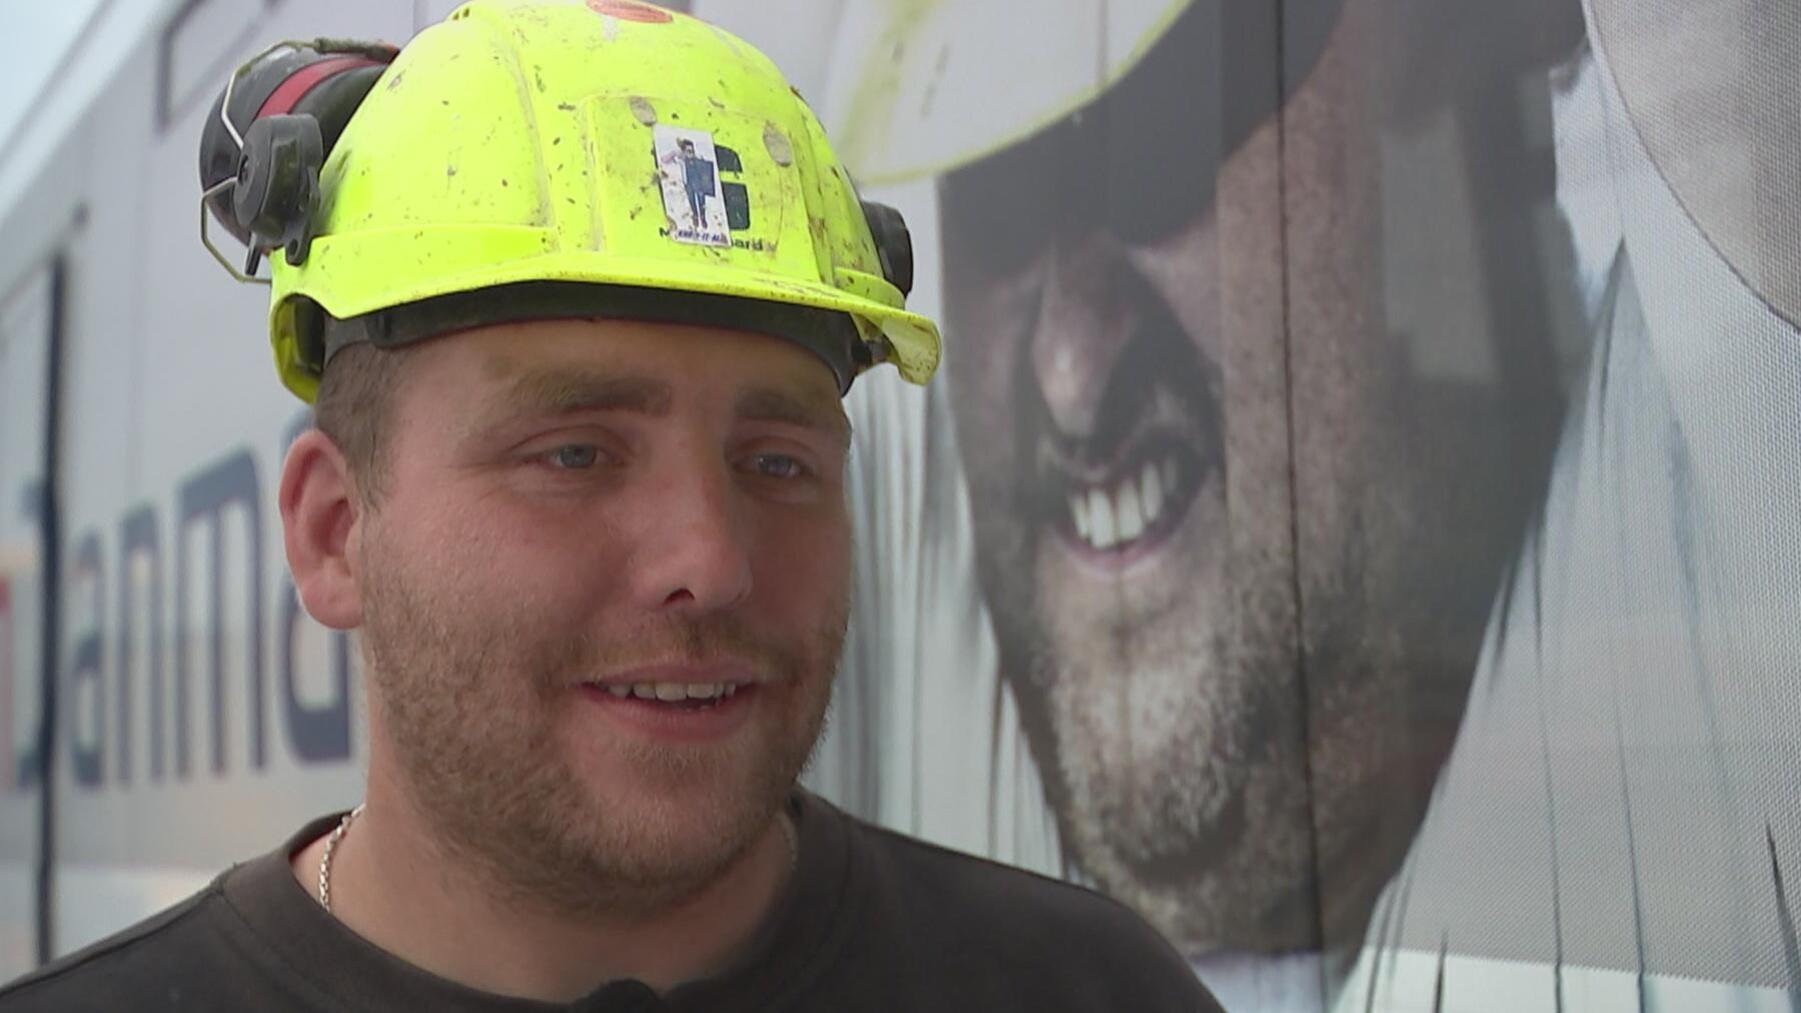 Ung byggearbejder: Forsikring mere spændende end pensionen | Penge | DR